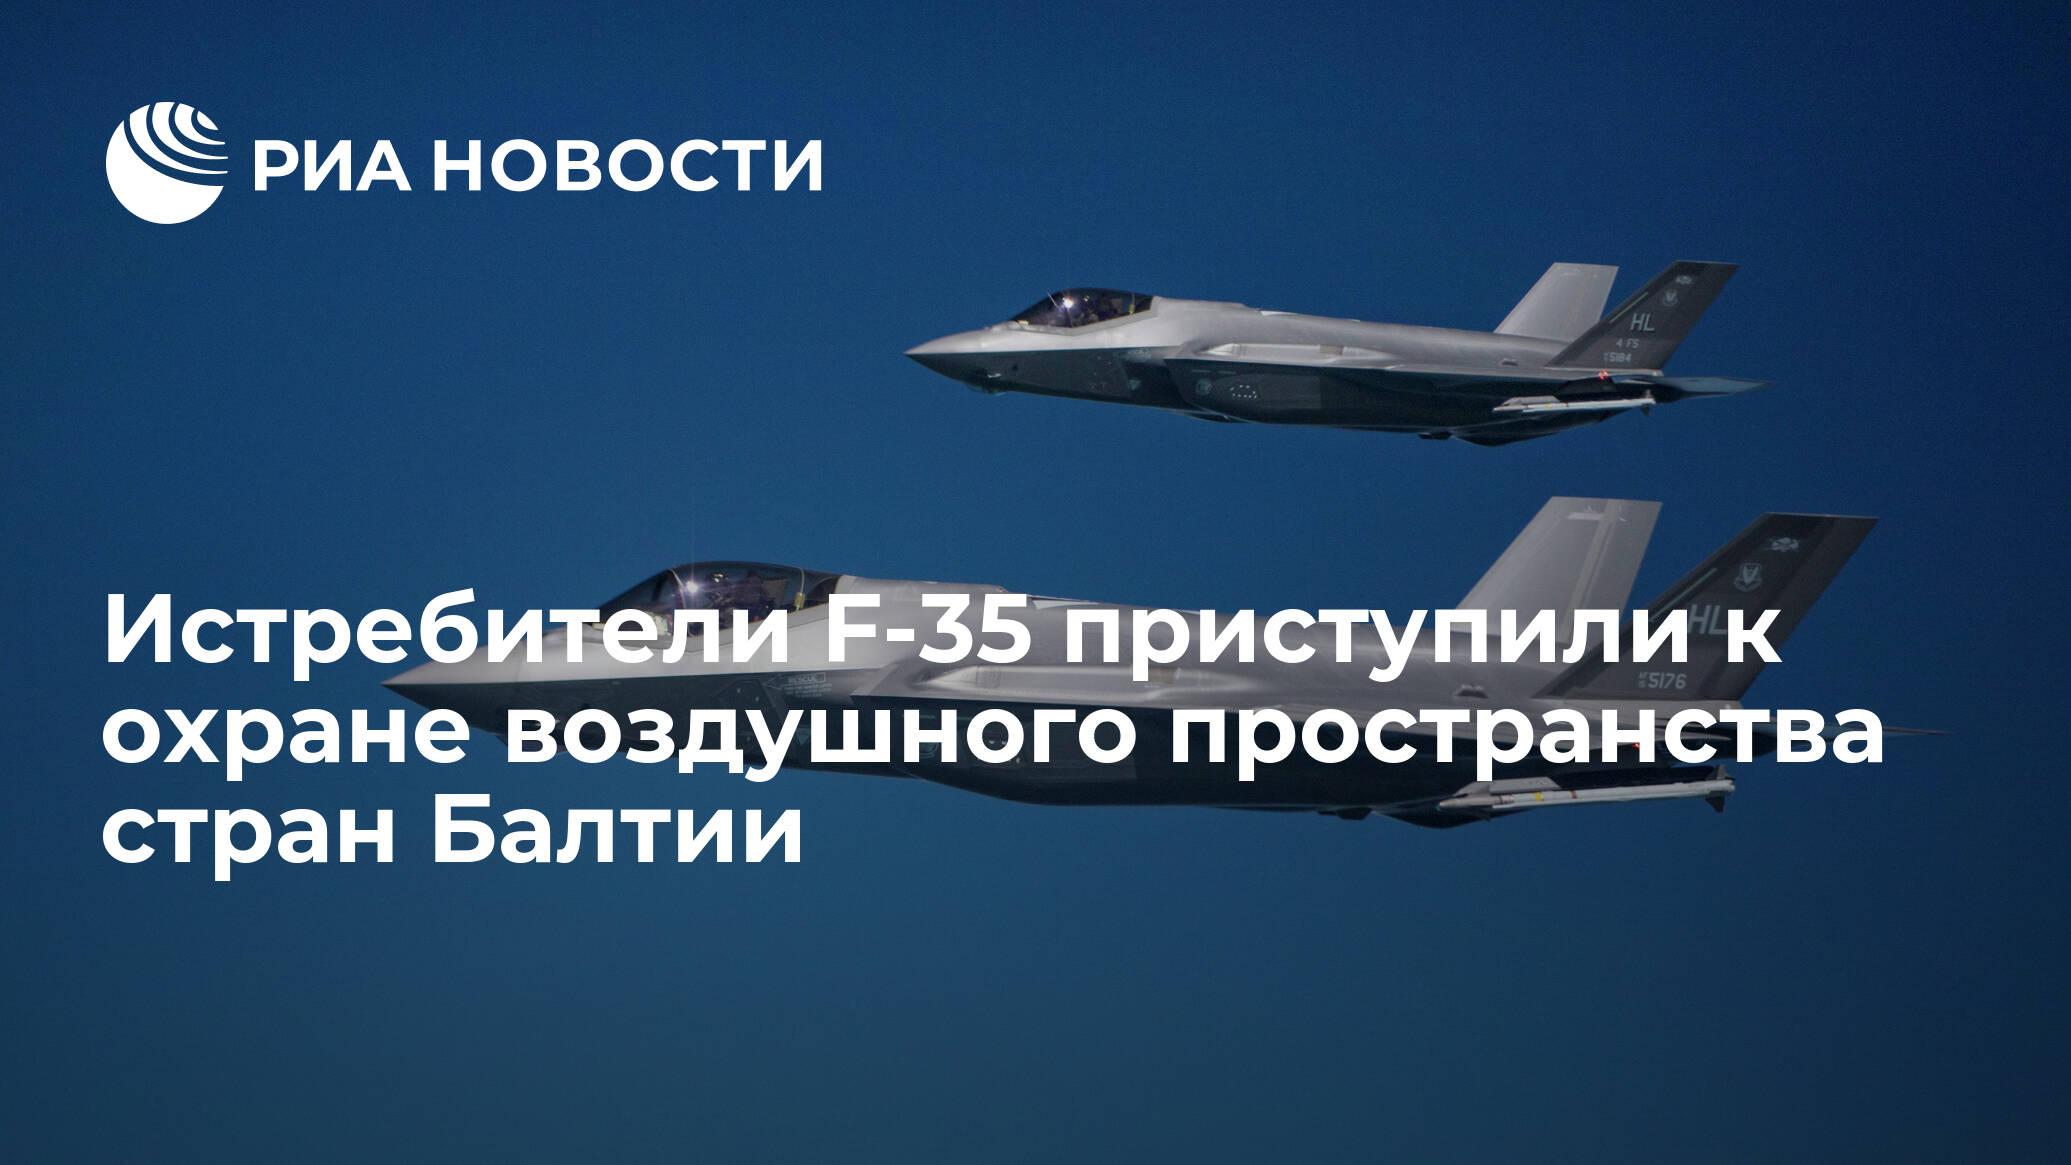 Истребители F-35 приступили к охране воздушного пространства стран Балтии